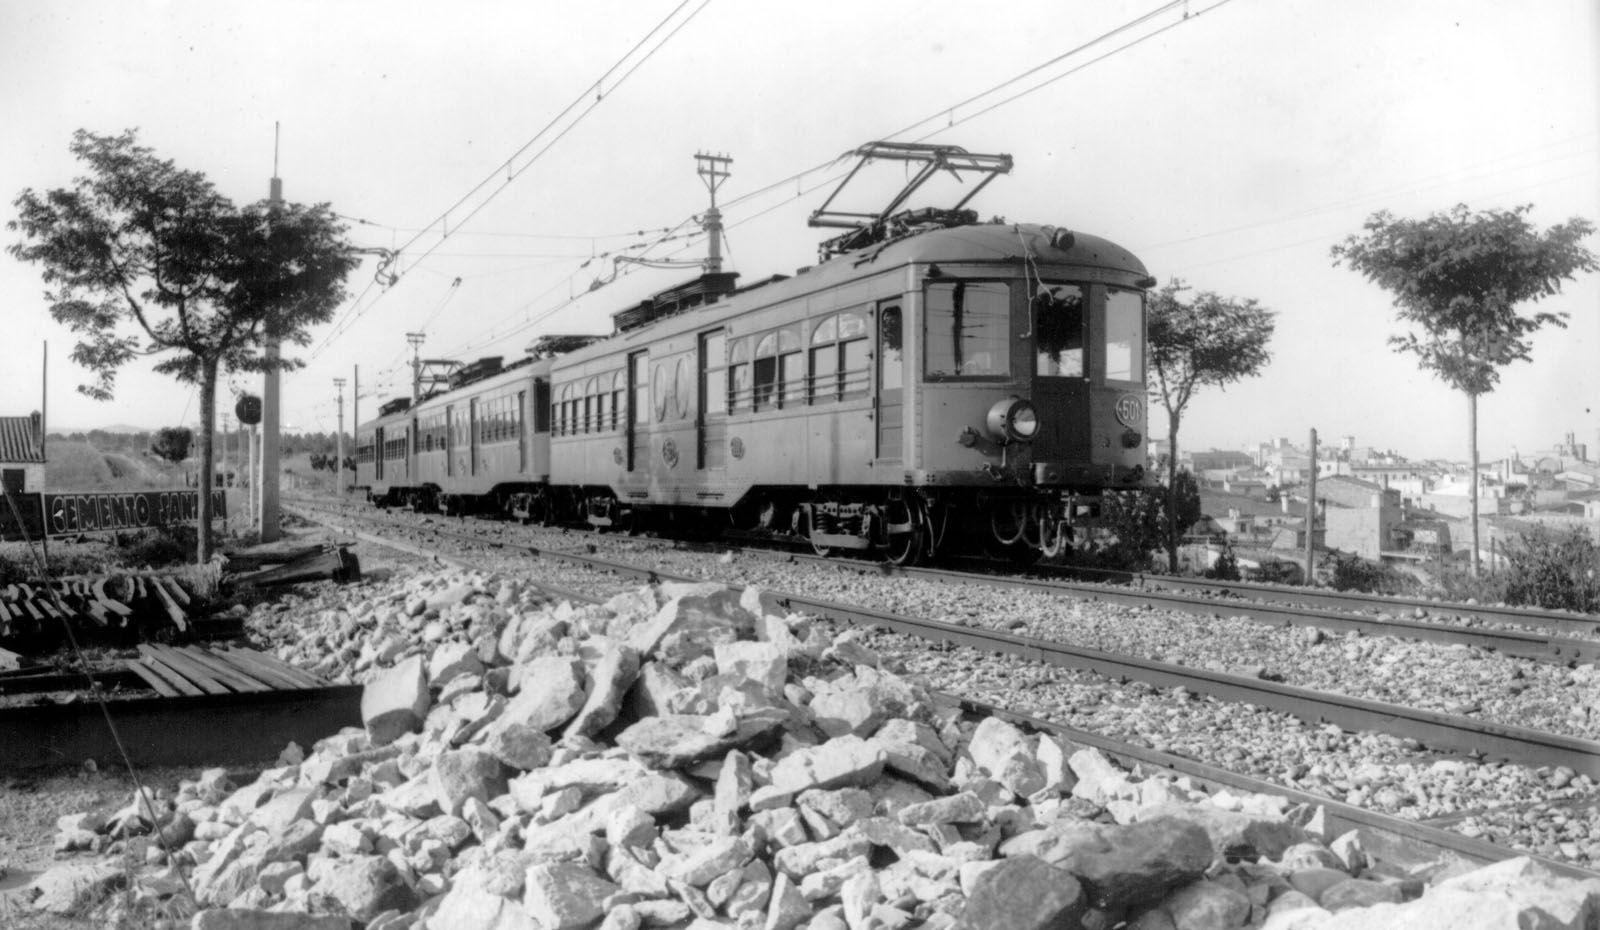 El tren va arribar a Sant Cugat per primera vegada ara fa 100 anys FOTO: Arxiu FGC